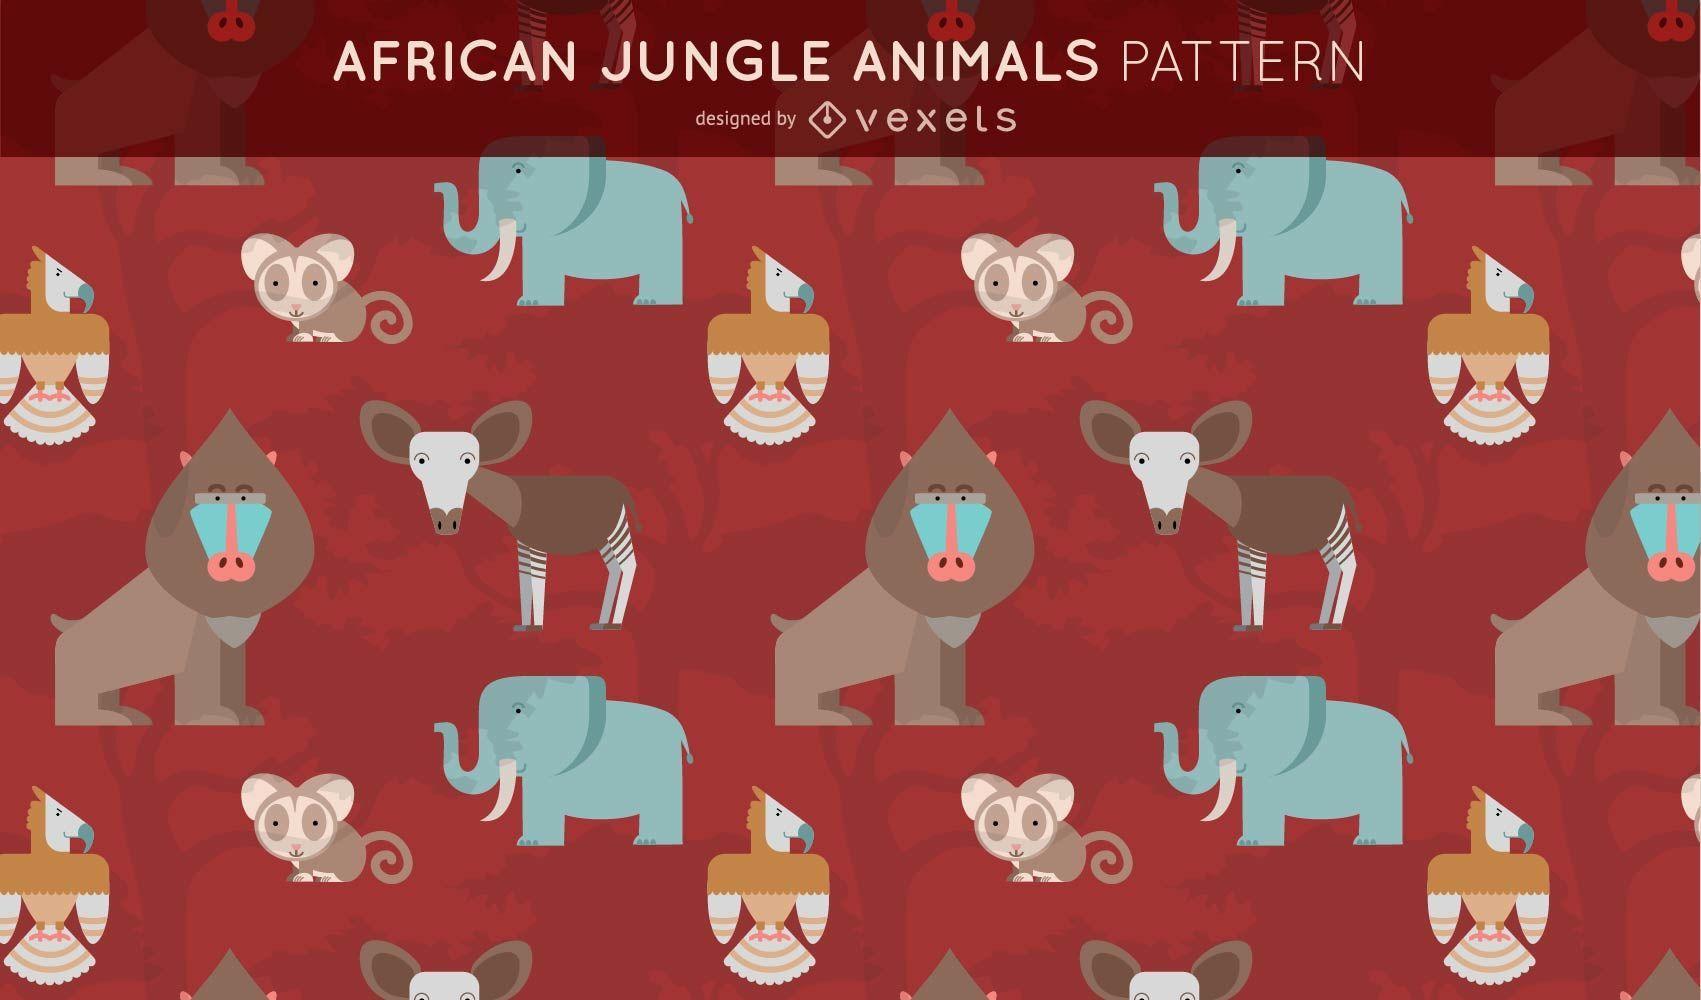 Diseño de patrón de animales de la selva africana